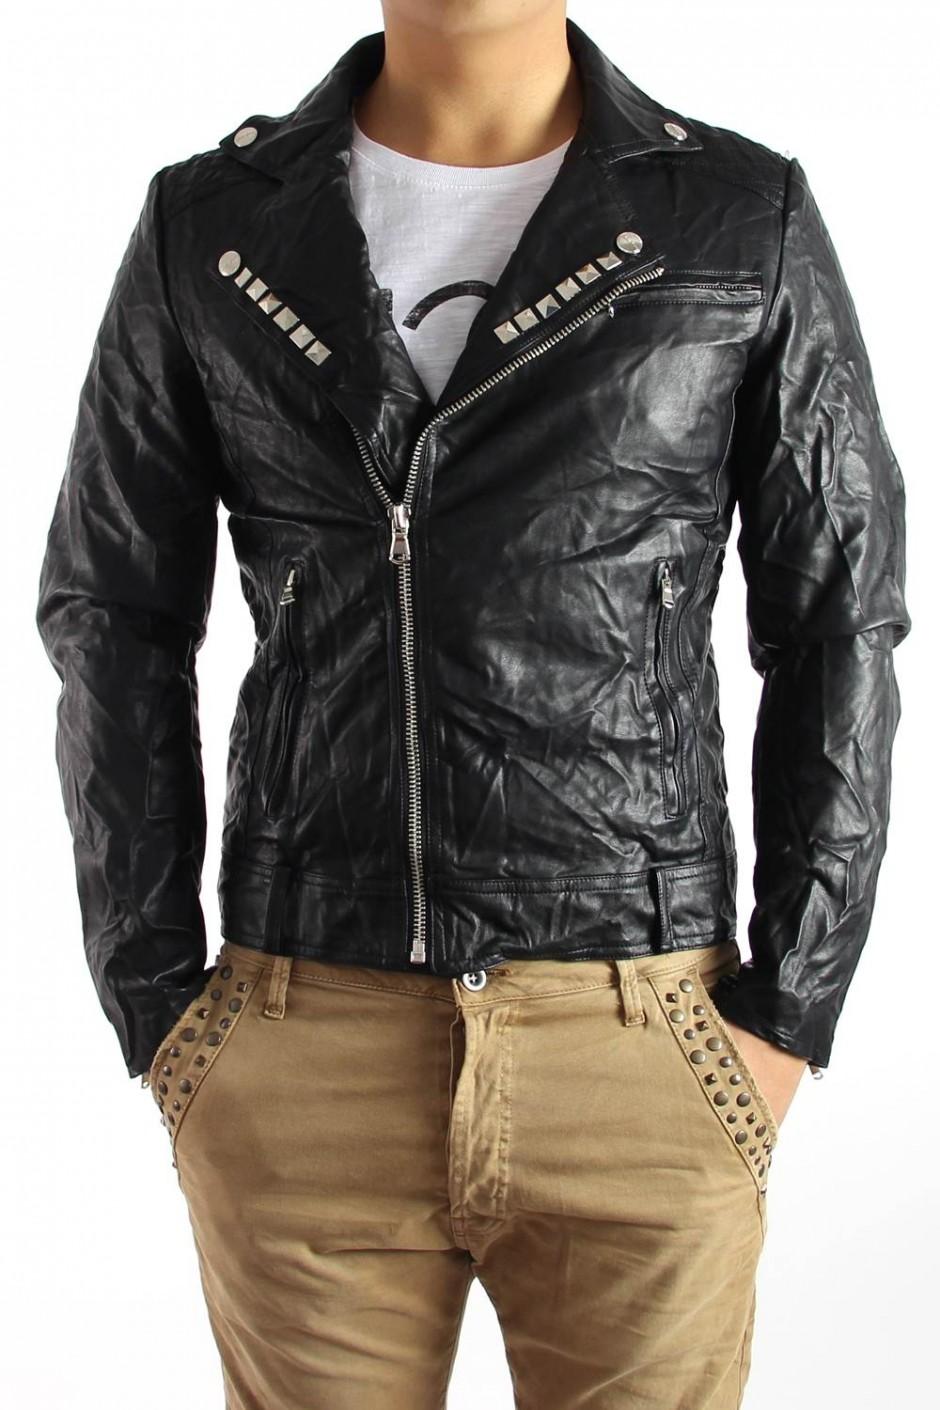 Style policier am ricain blousons vestes - Boutique style americain ...